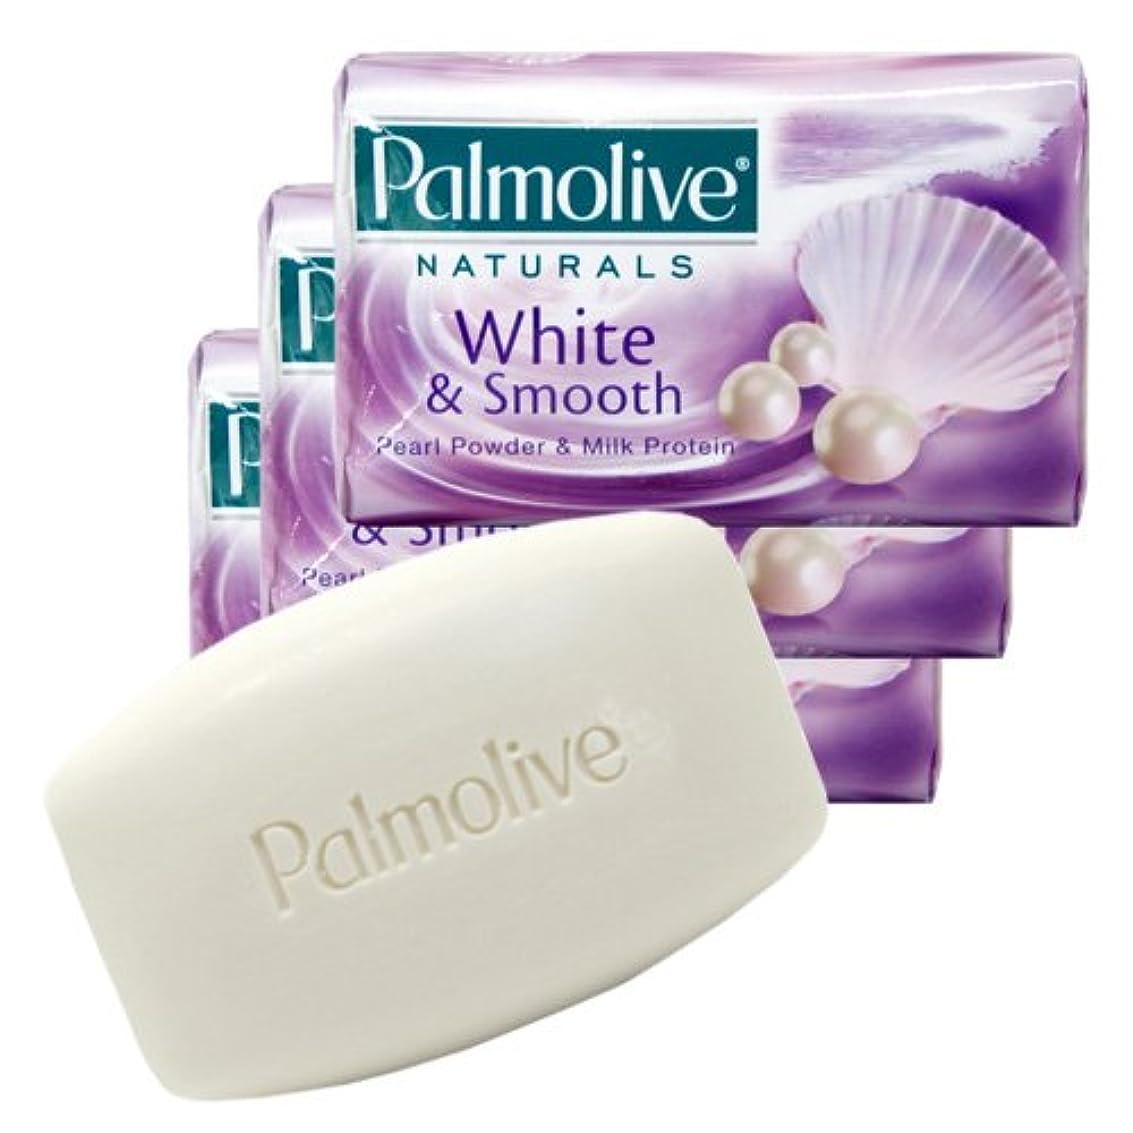 ファンブル曲線回る【Palmolive】パルモリーブ ナチュラルズ石鹸3個パック ホワイト&スムース(パールパウダー&ミルクプロテイン)80g×3